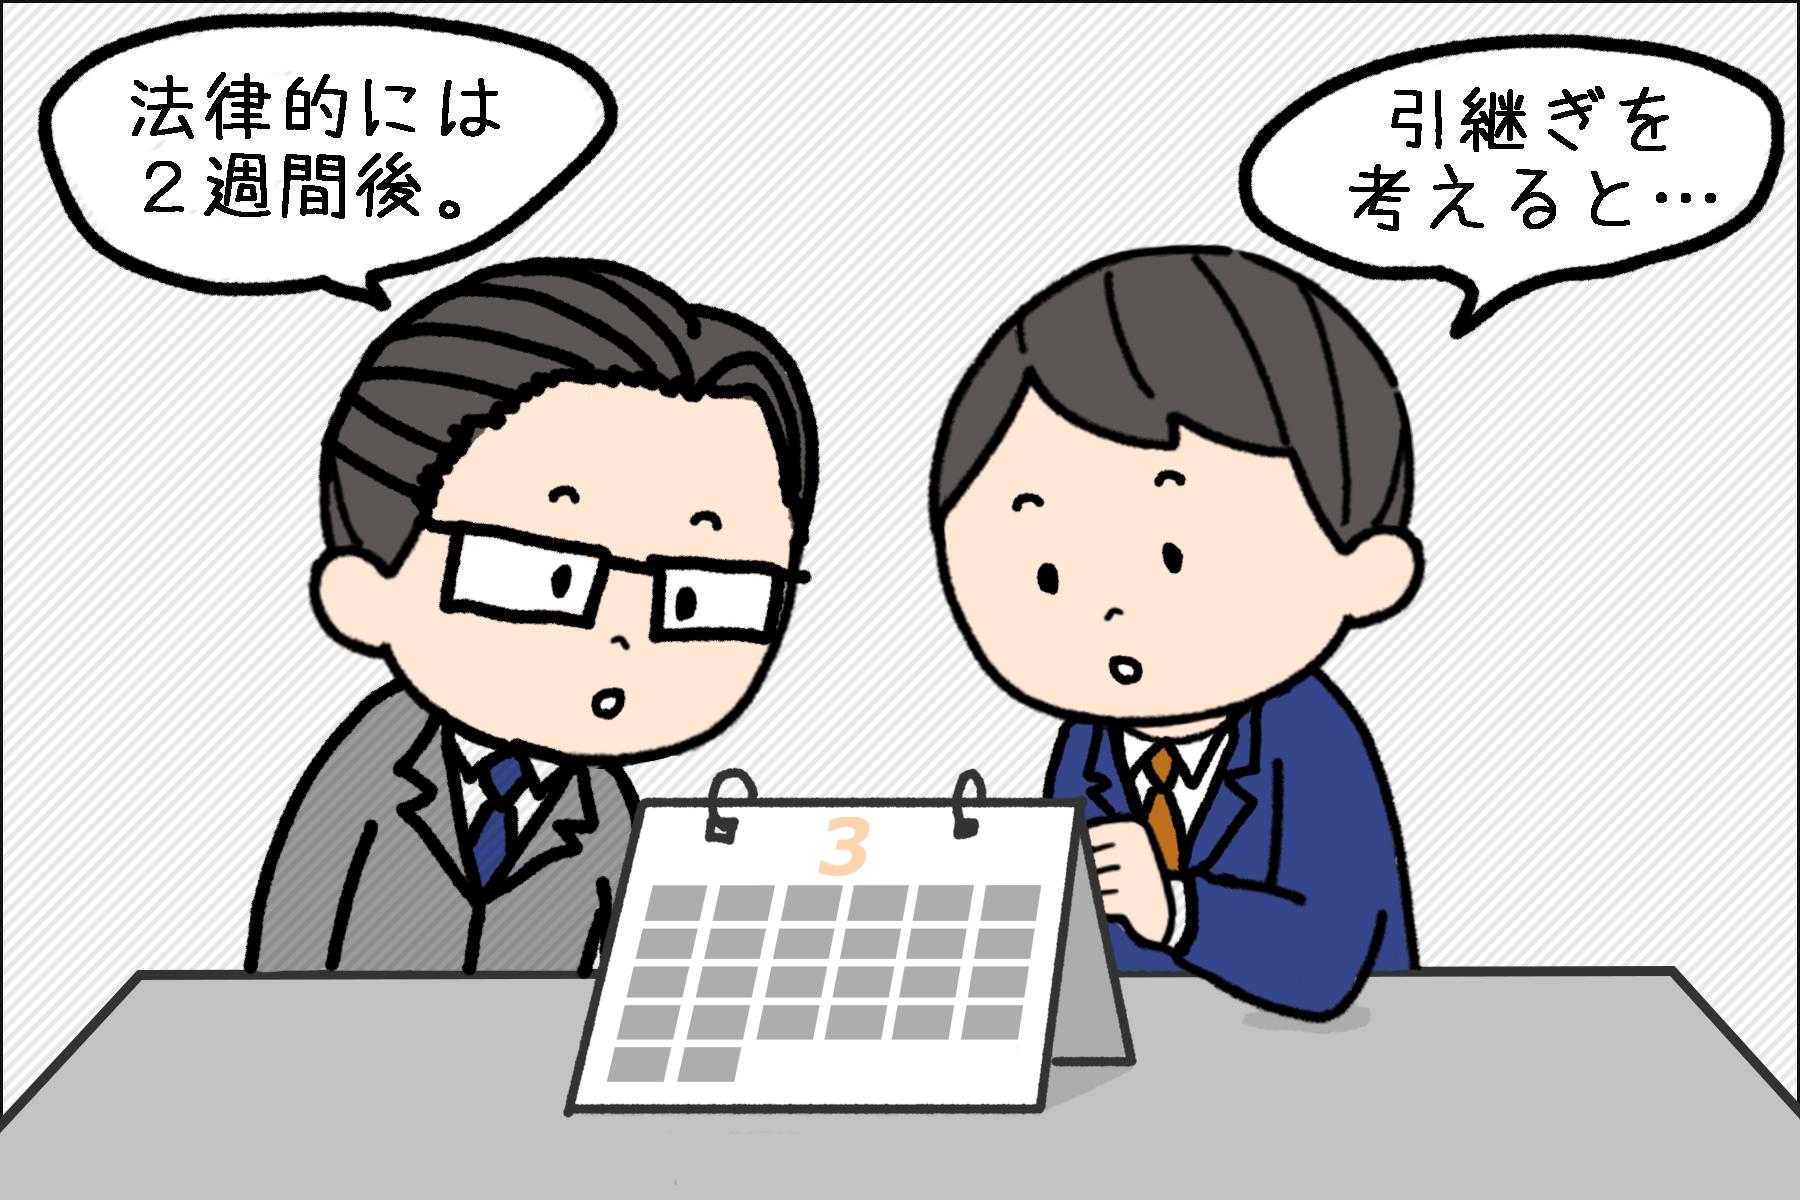 退職日を上司と相談するビジネスマンのイラスト